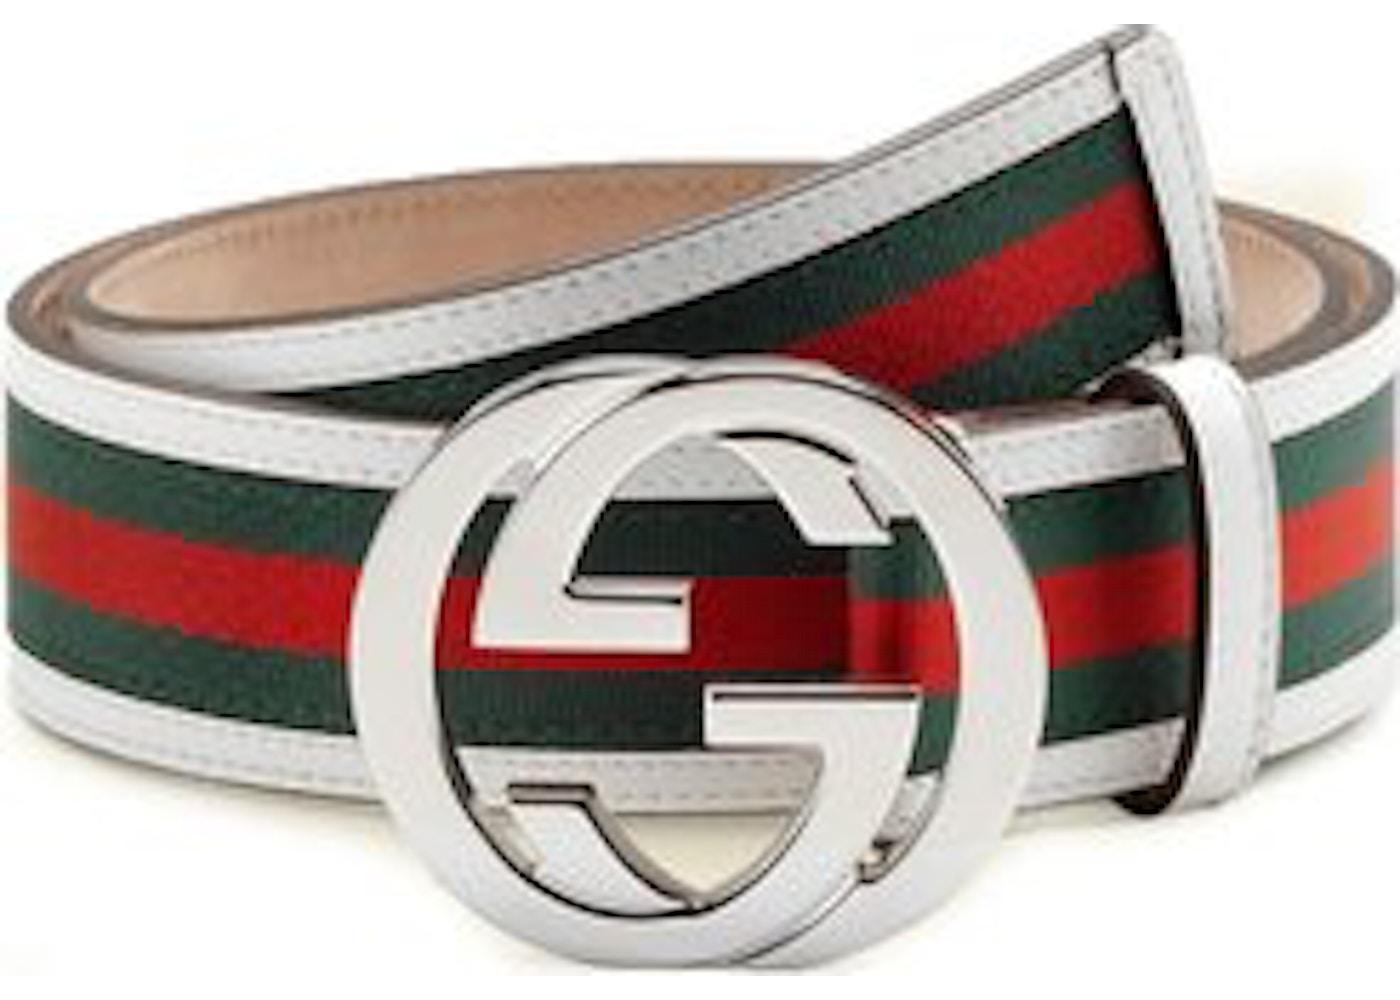 b0e51135e Gucci Interlocking G Belt Stripes White/Green/Red